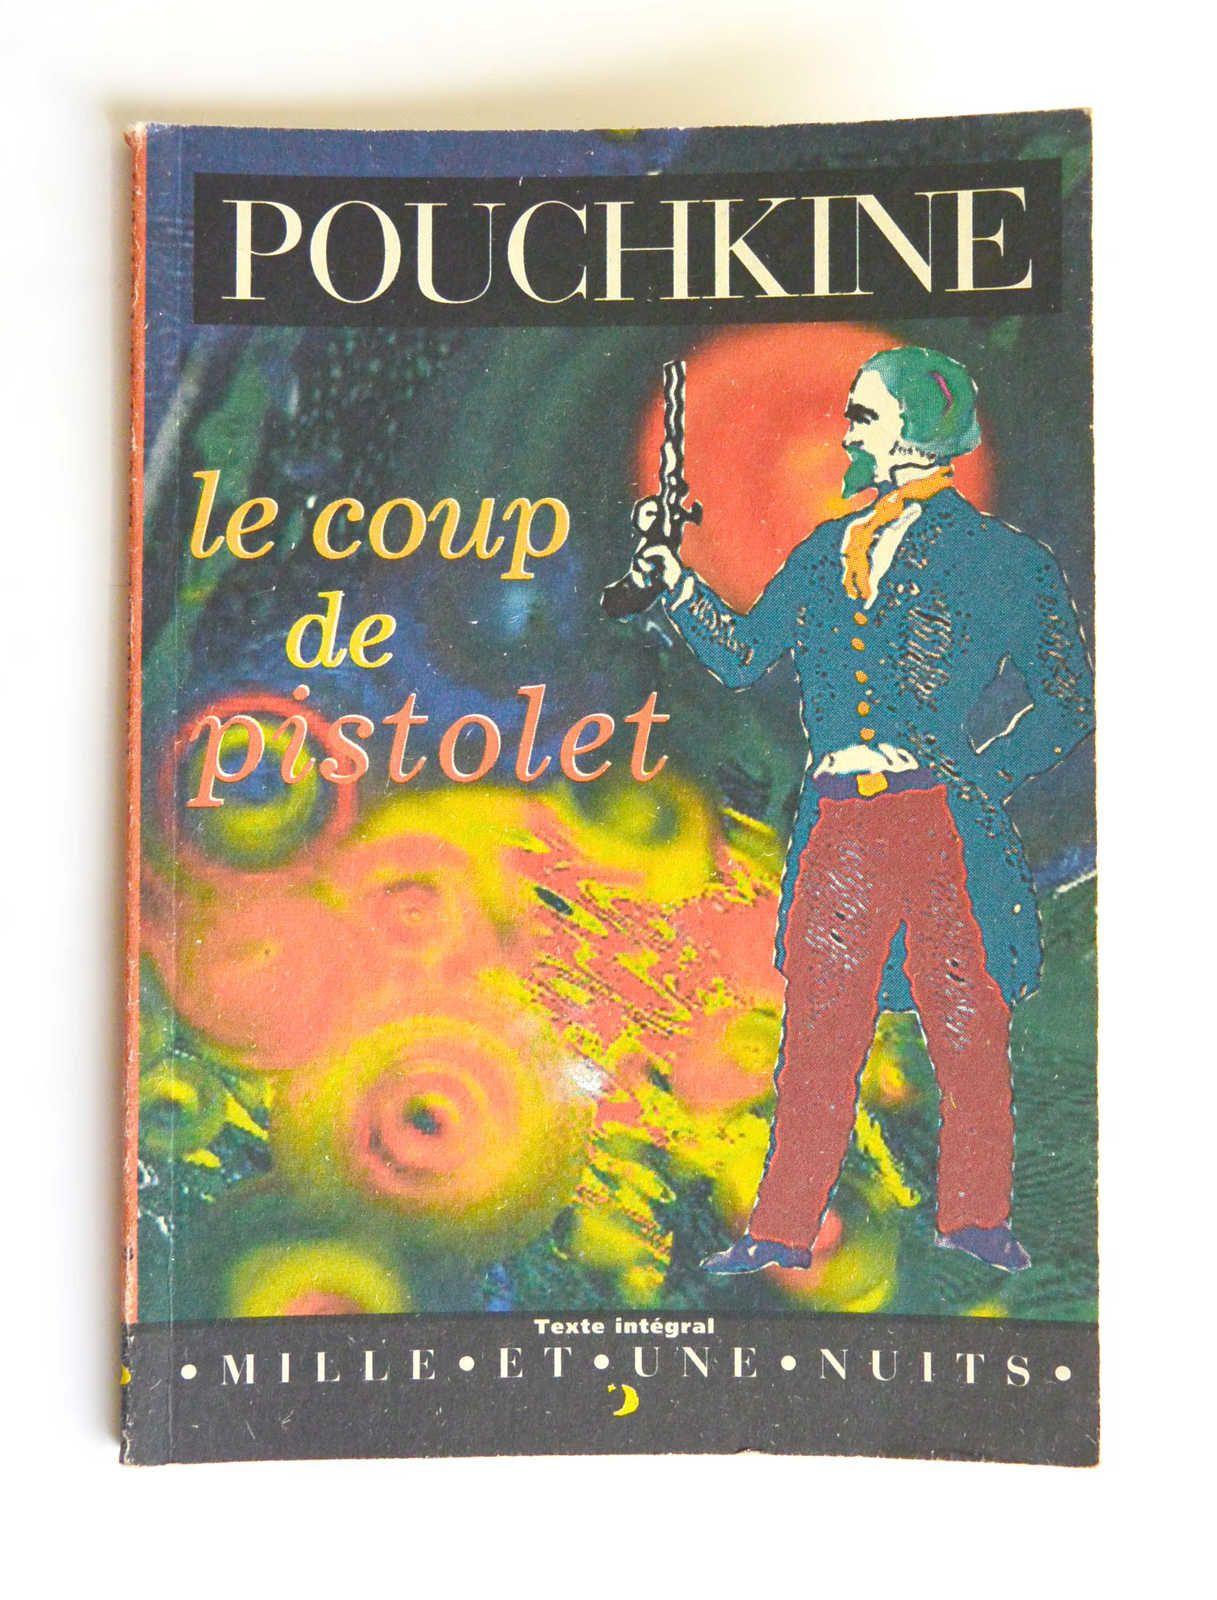 Livre «Le Coup de pistolet» Pouchkine, ed. Mille et une nuit illustré, 1997